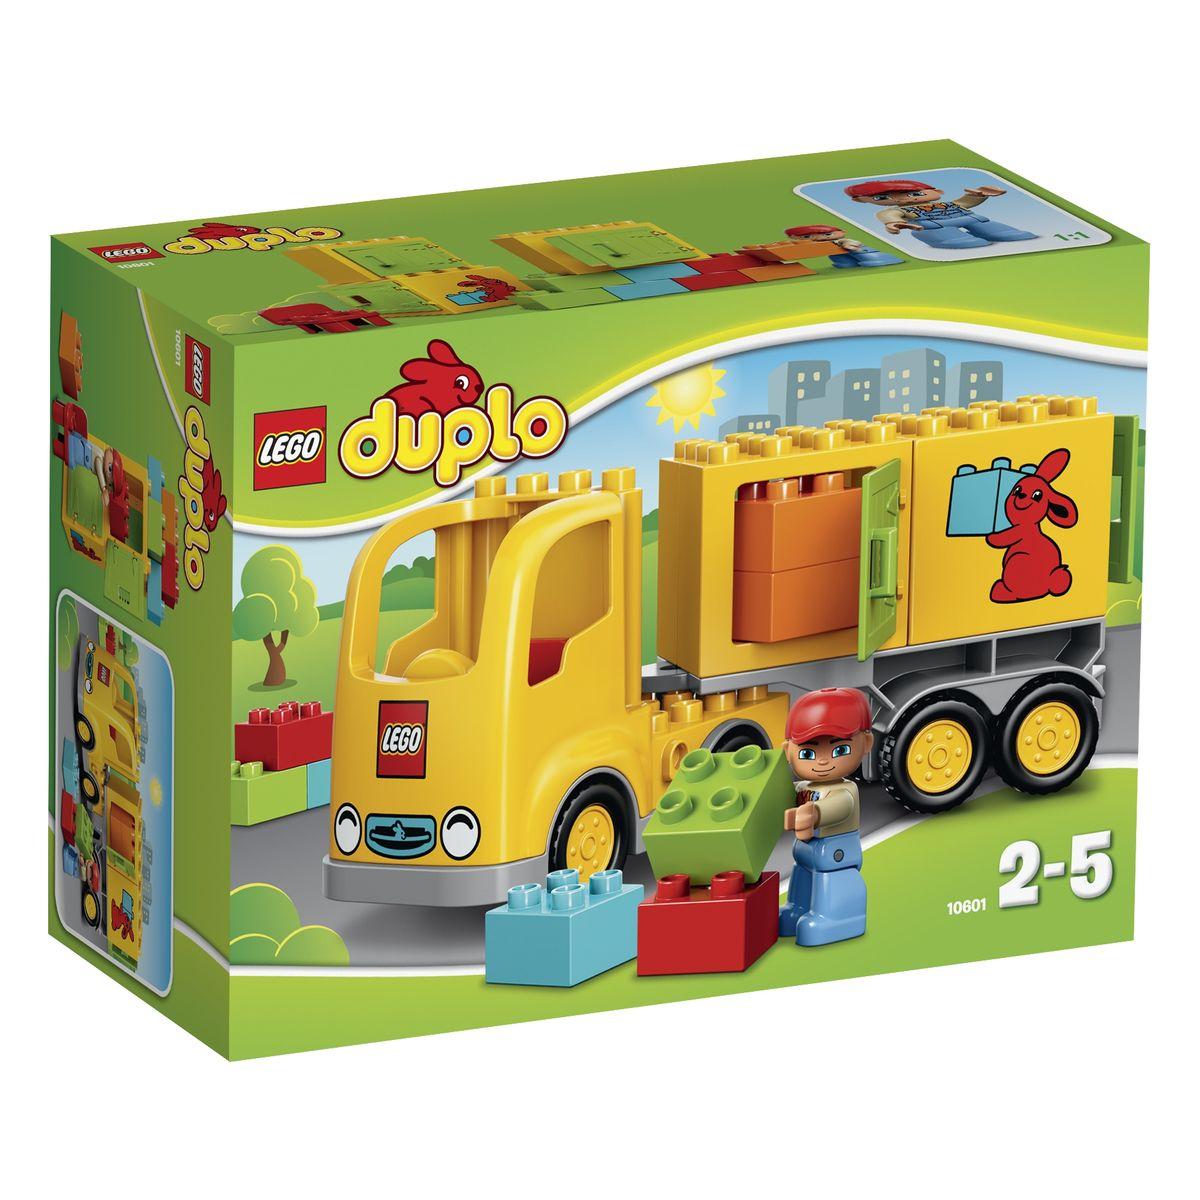 LEGO DUPLO Конструктор Желтый грузовик 10601